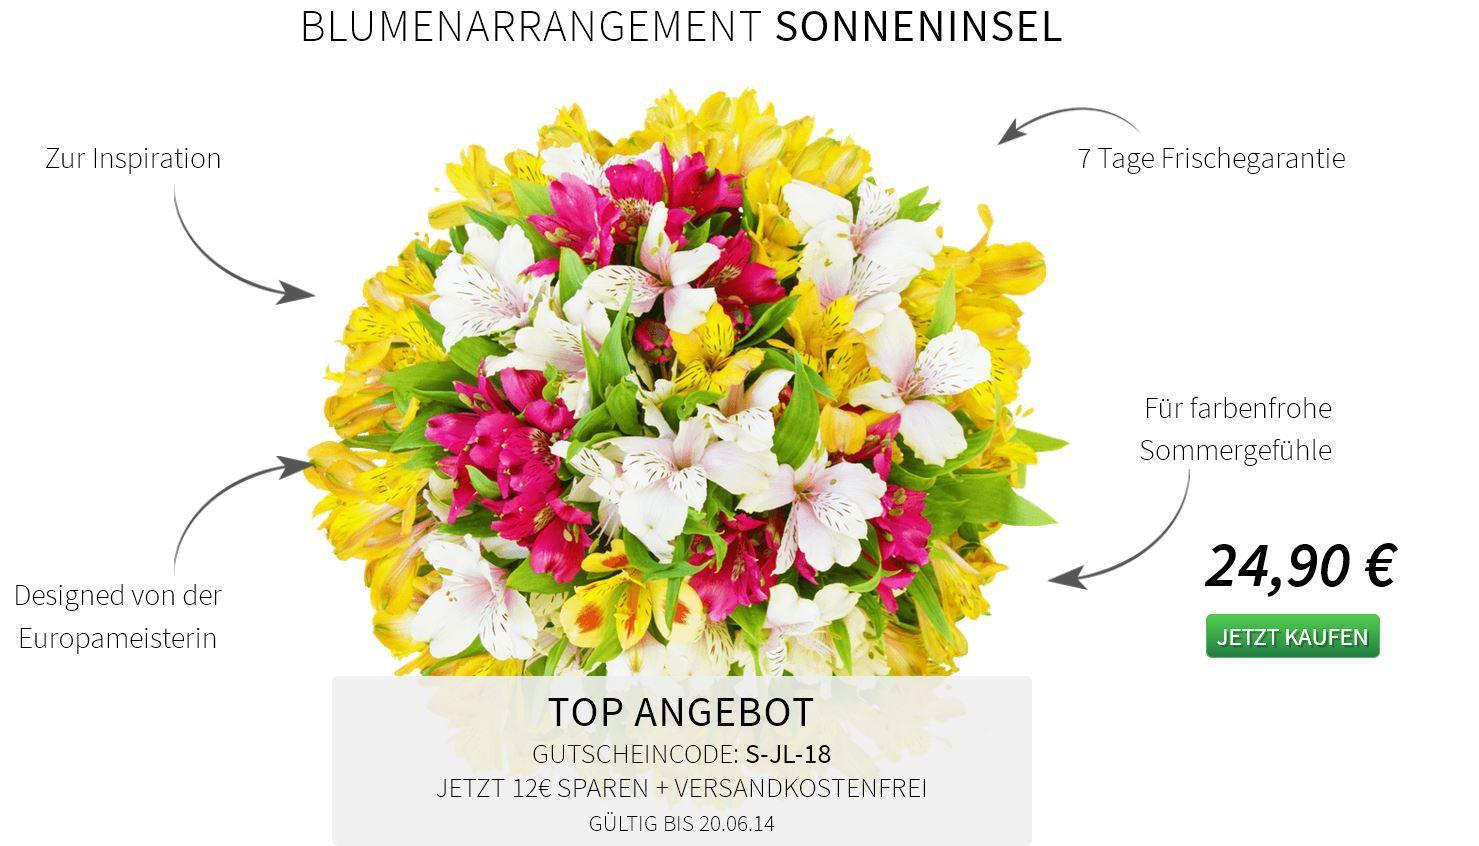 milflora Blumenstrauß – Sonneninsel für 12,90€ inklusive Versand